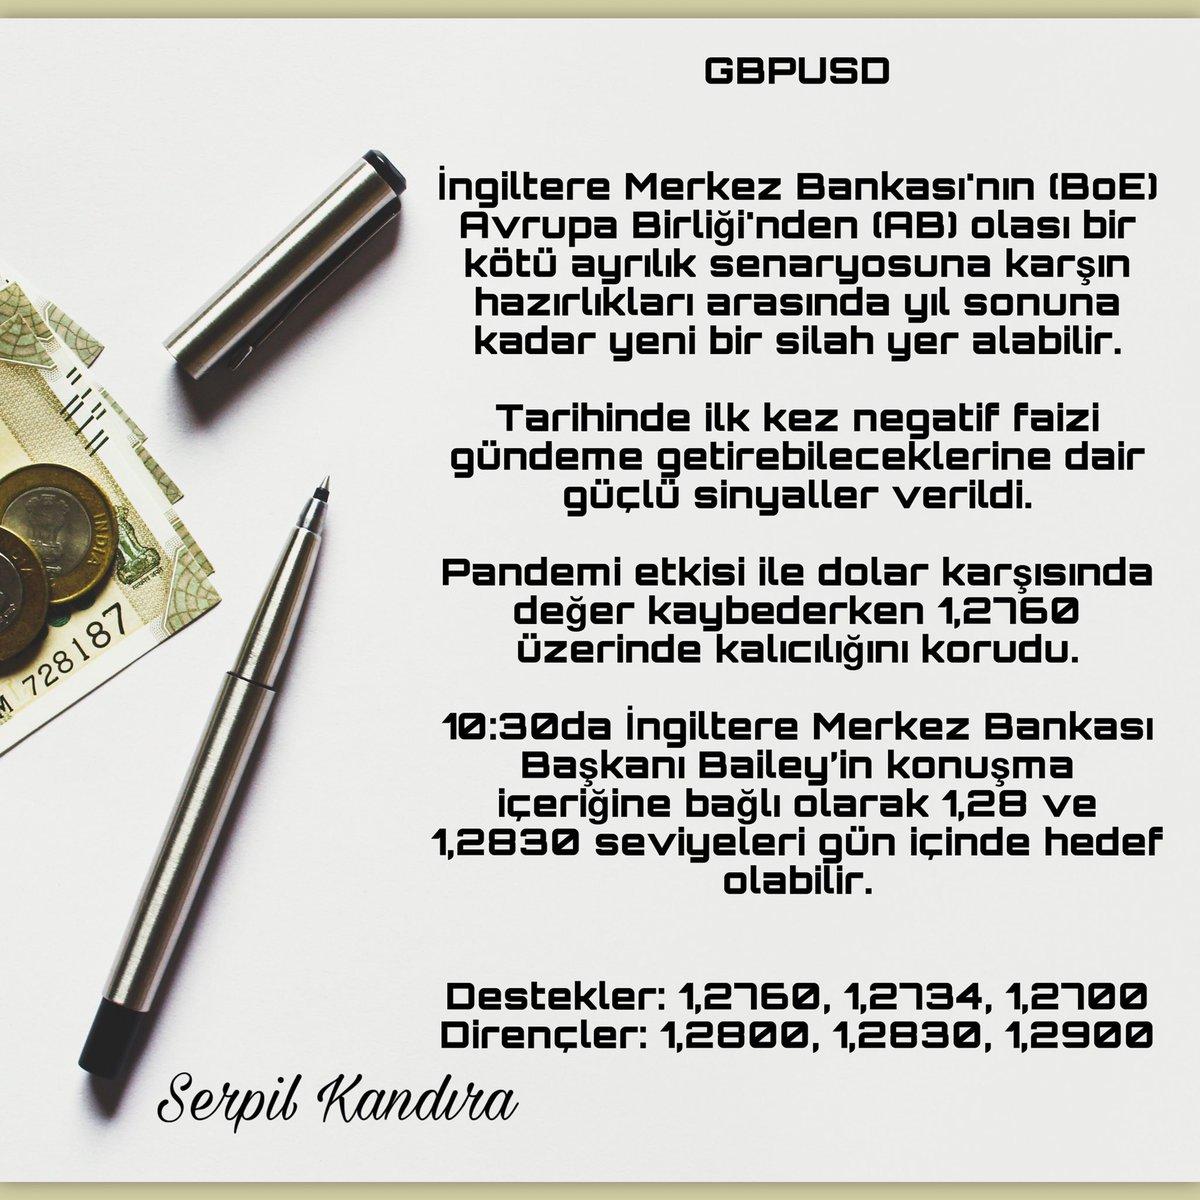 GBPUSD  #forex #fx #forextrader #yatırım #borsa #brent #DAX30 #para #bist #altın #gbpusd #parite #rt #fav https://t.co/6M3kGEkCzv